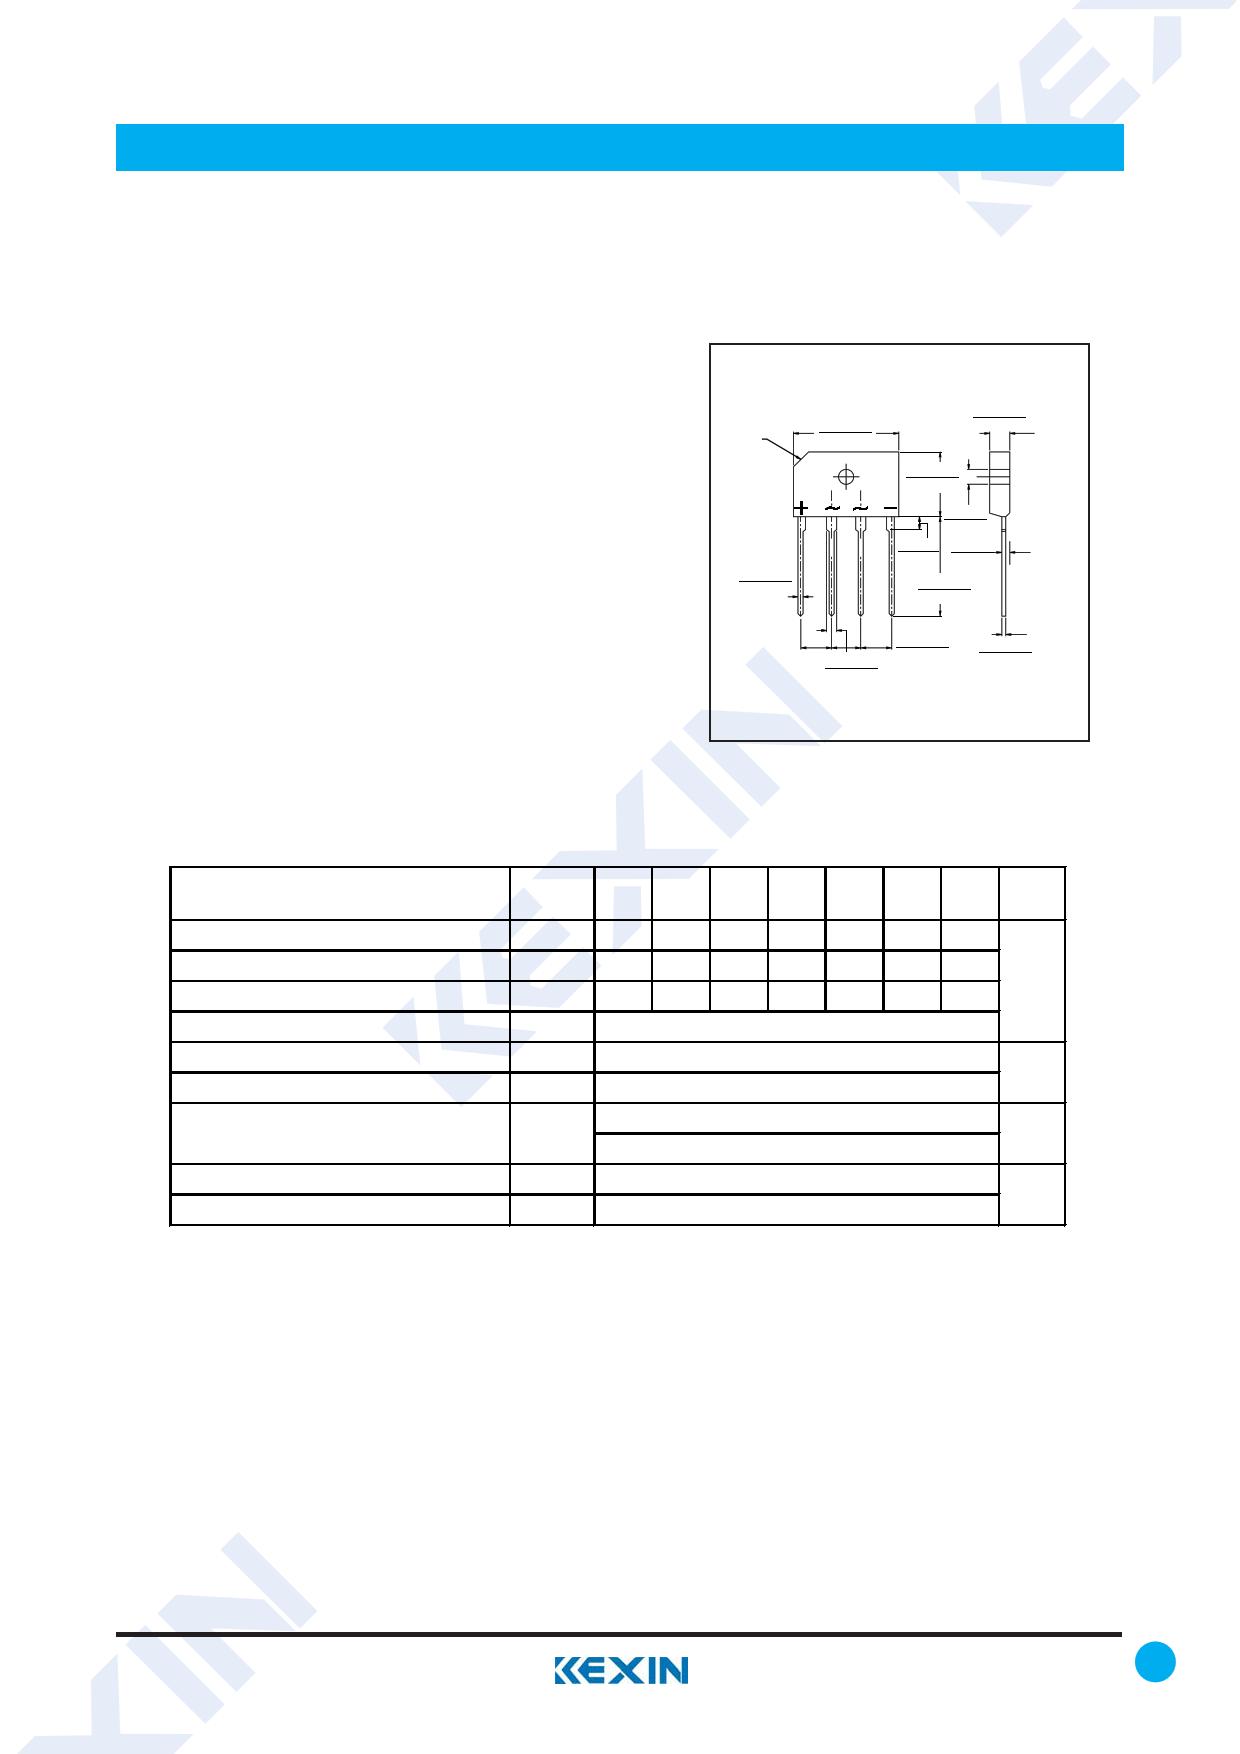 TS6B04G 데이터시트 및 TS6B04G PDF